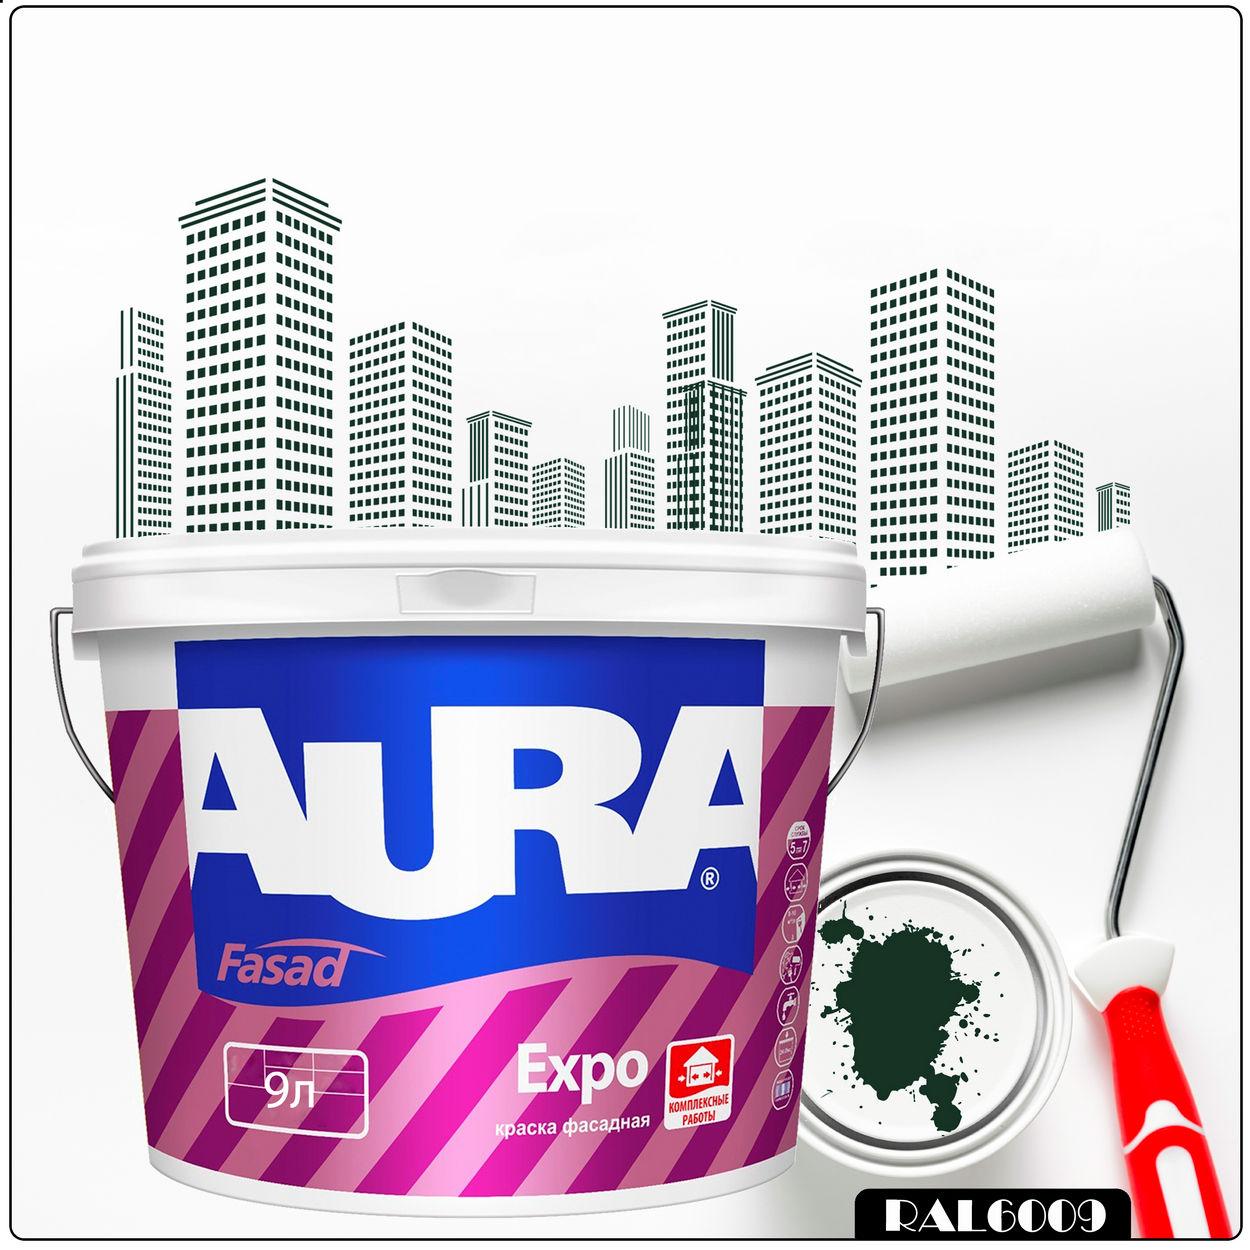 Фото 10 - Краска Aura Fasad Expo, RAL 6009 Зеленая-пихта, матовая, для фасадов и помещений с повышенной влажностью, 9л.